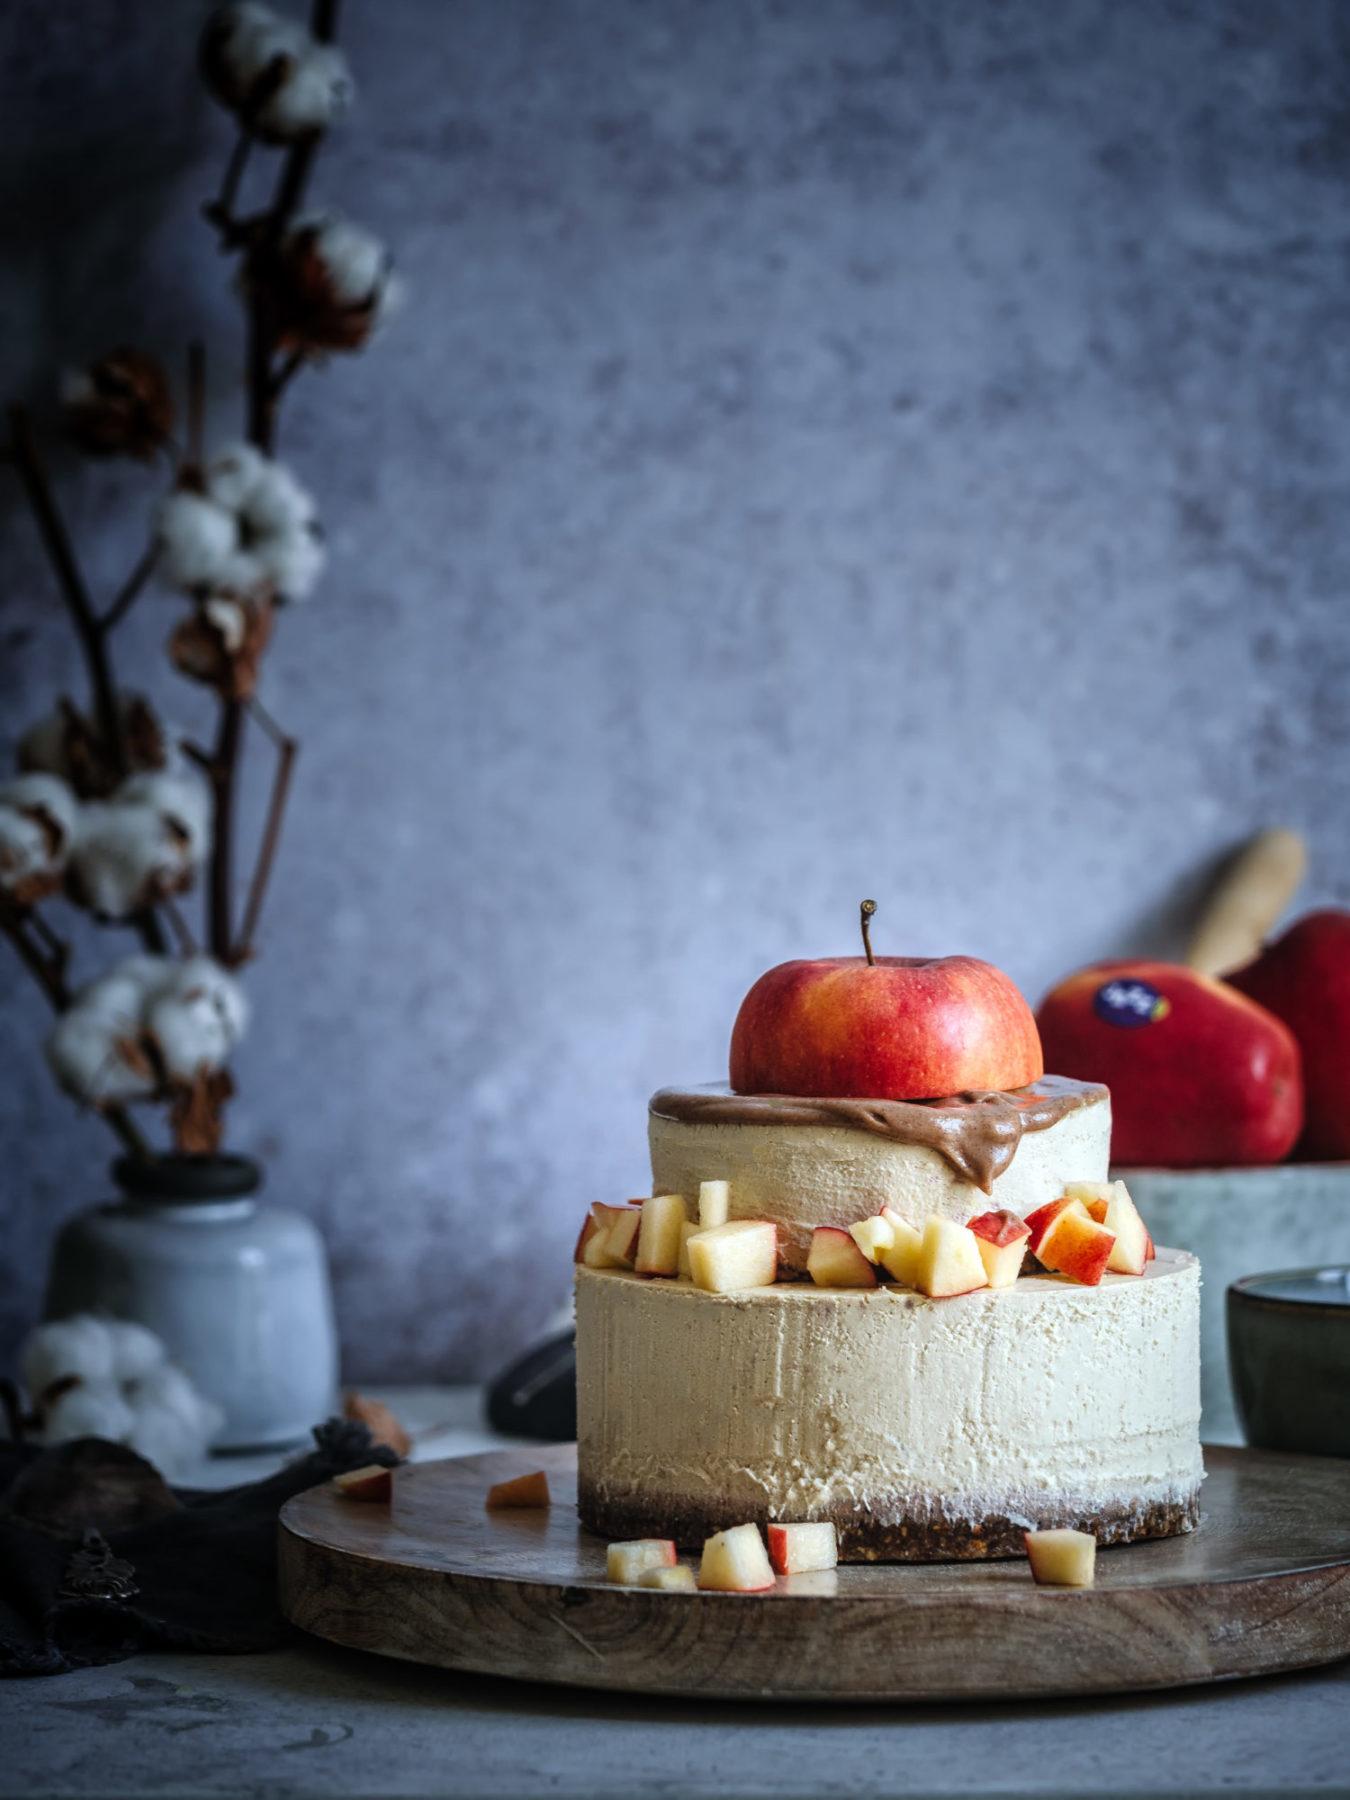 Kuchen ohne Backen mit Apfel obenauf und Karamell